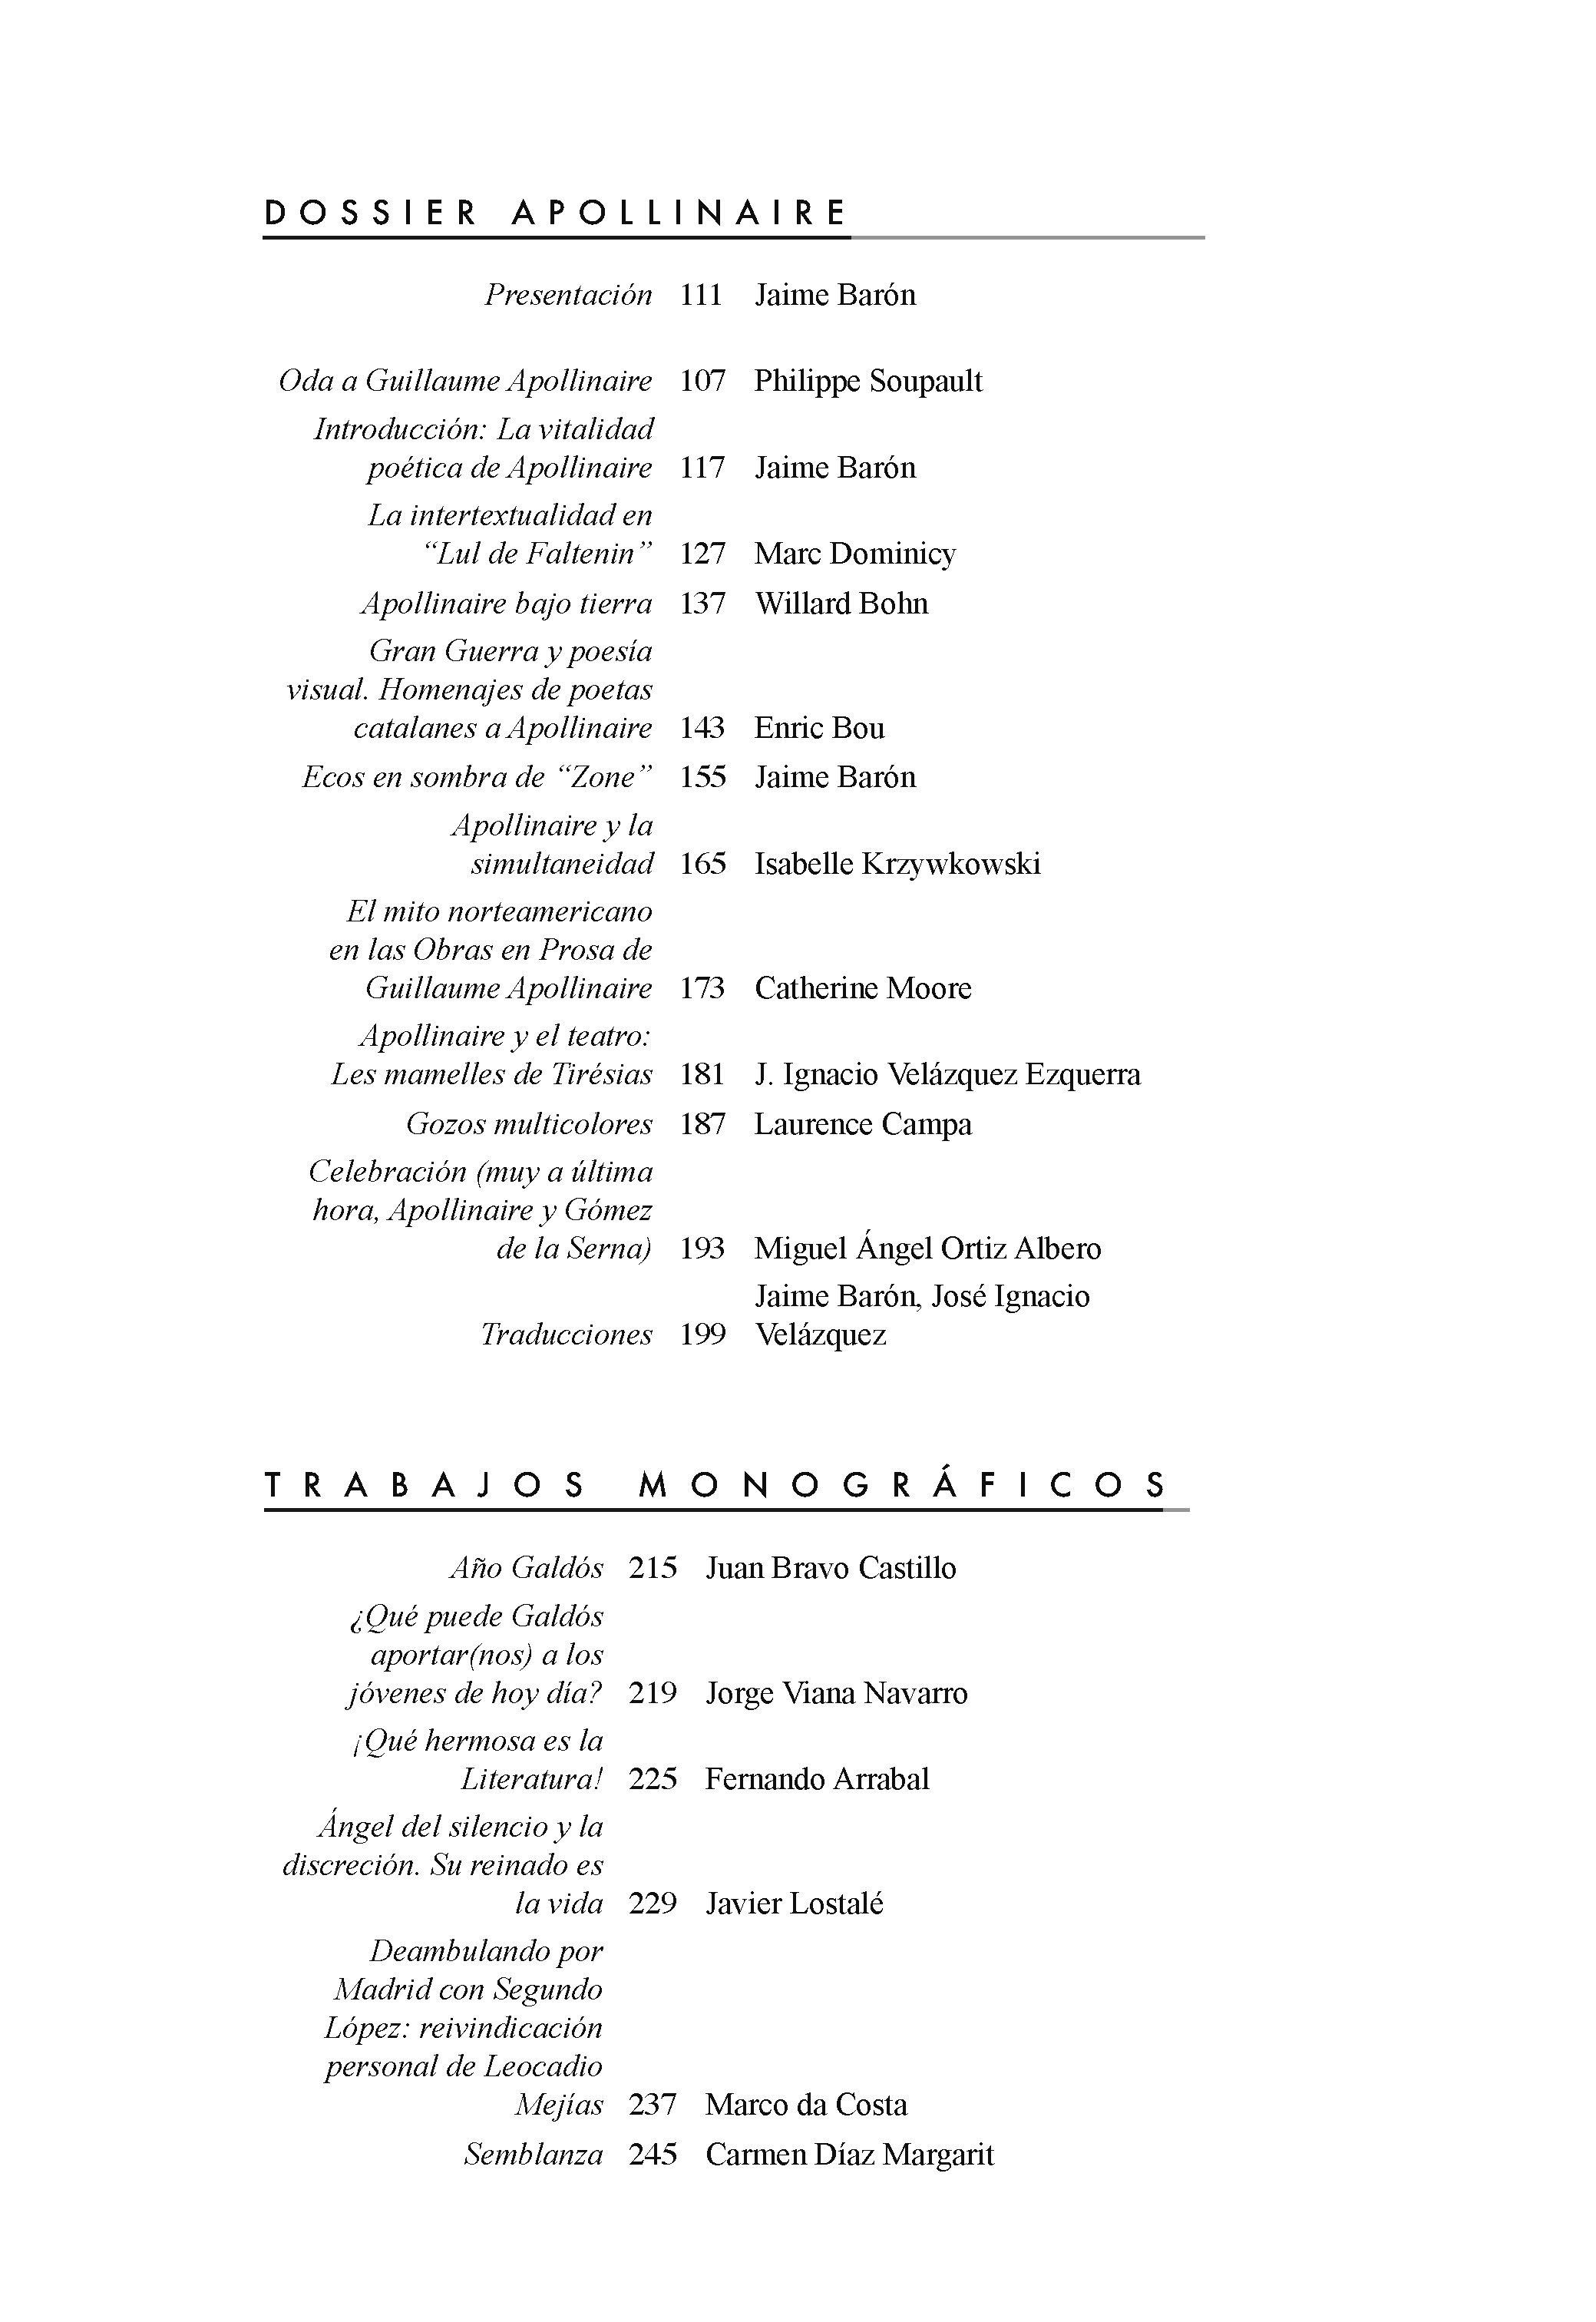 Páginas desdeBARCAROLA 94-95 INTERIOR_Página_4